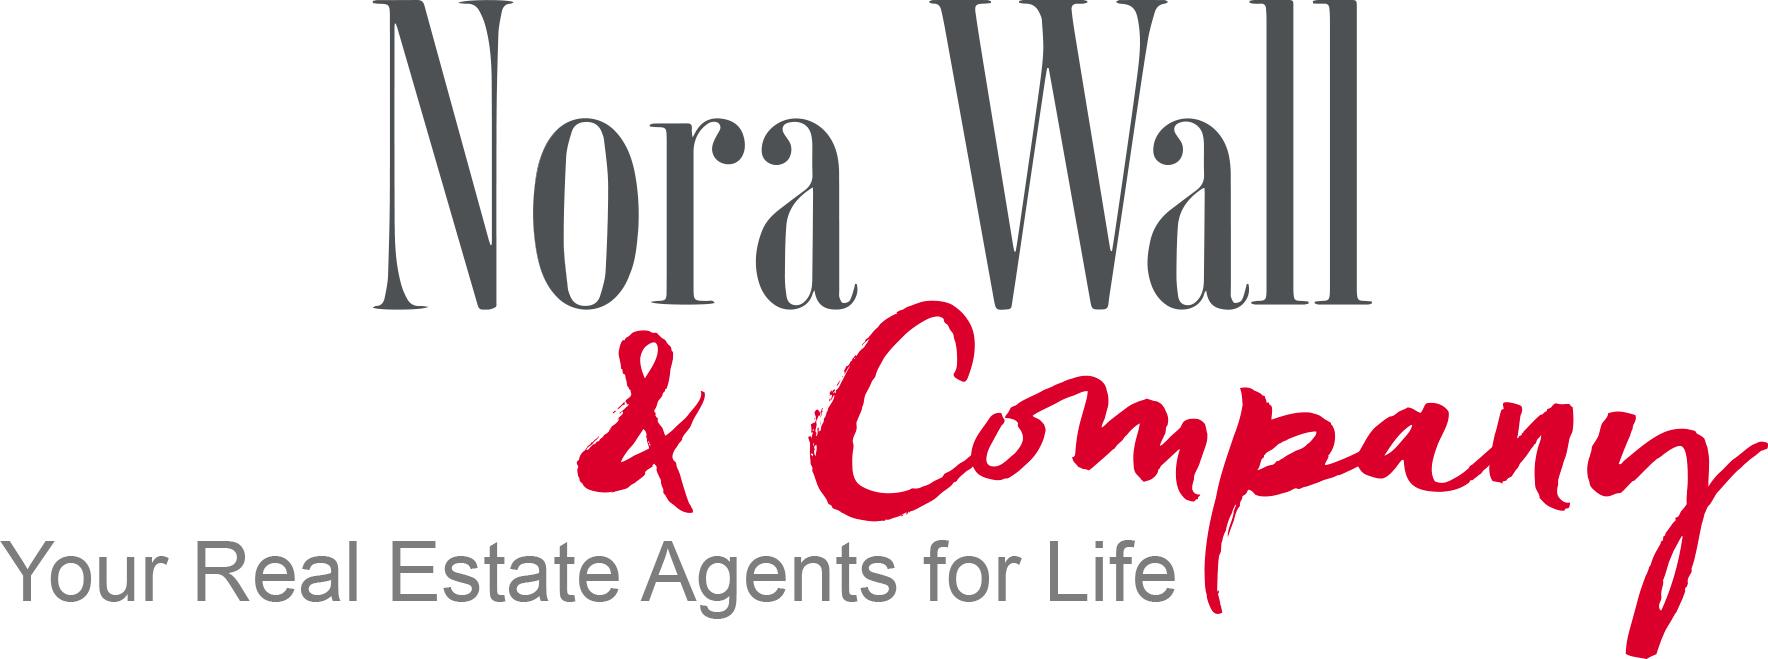 Nora Wall & Company Logo